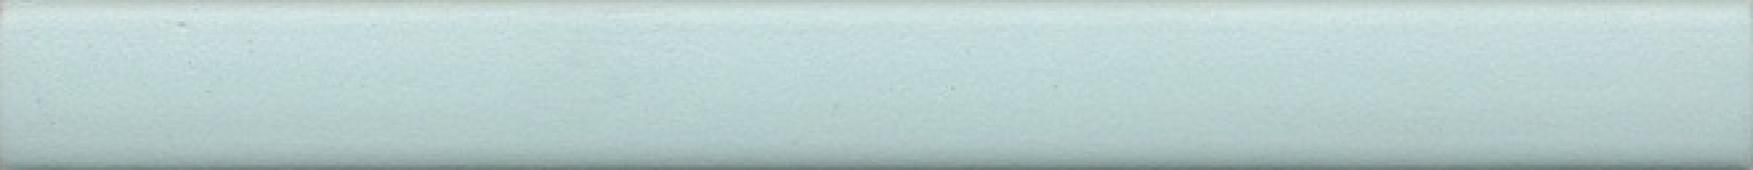 Карандаш бирюзовый 20*2